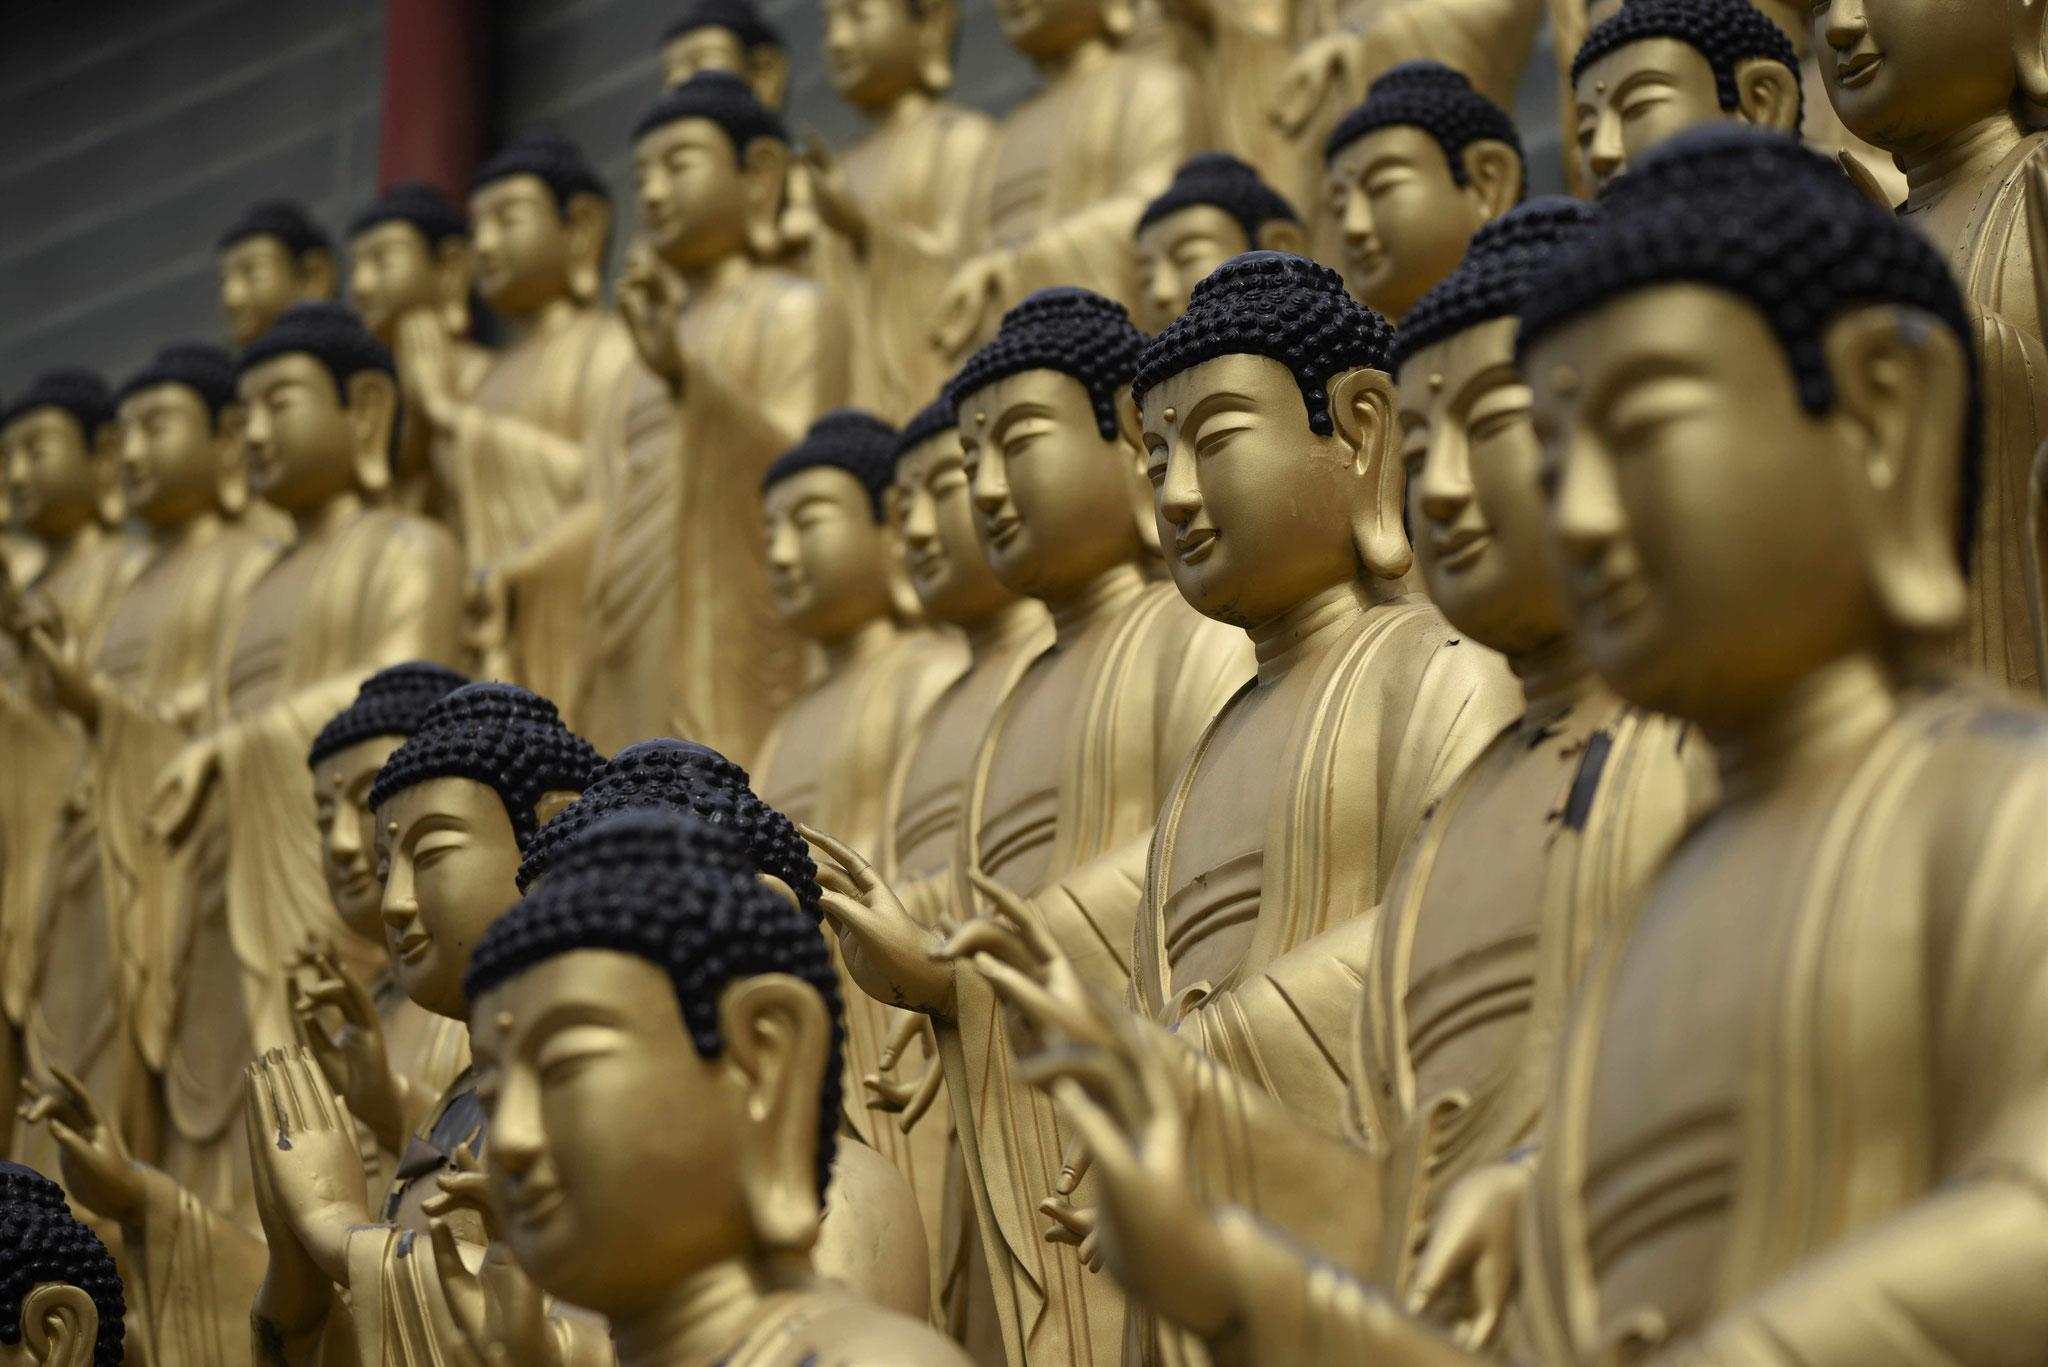 1000 vergoldete Buddastatuen wirken beeindruckend